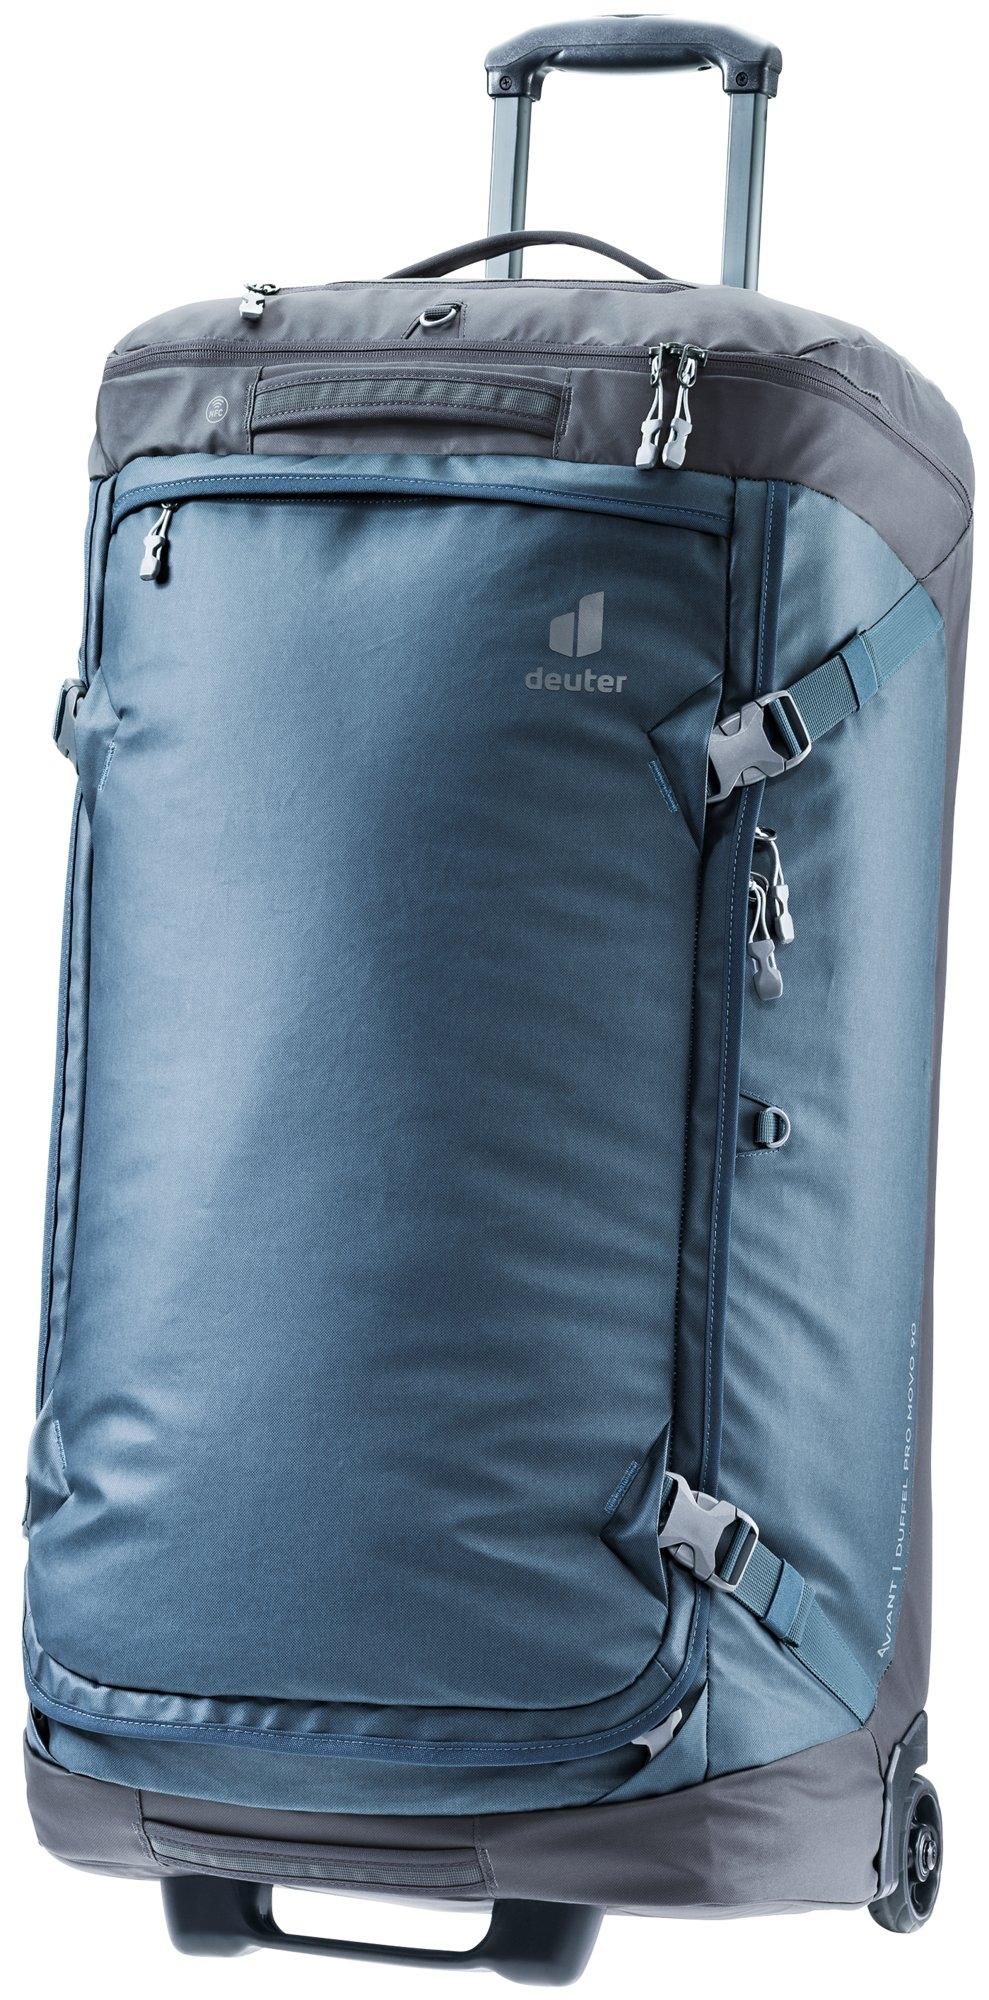 Сумки-рюкзаки Сумка рюкзак на колесах Deuter Aviant Duffel Pro Movo 90 8cdae2d8d2f4b81eecf02b53dde662bc.jpg